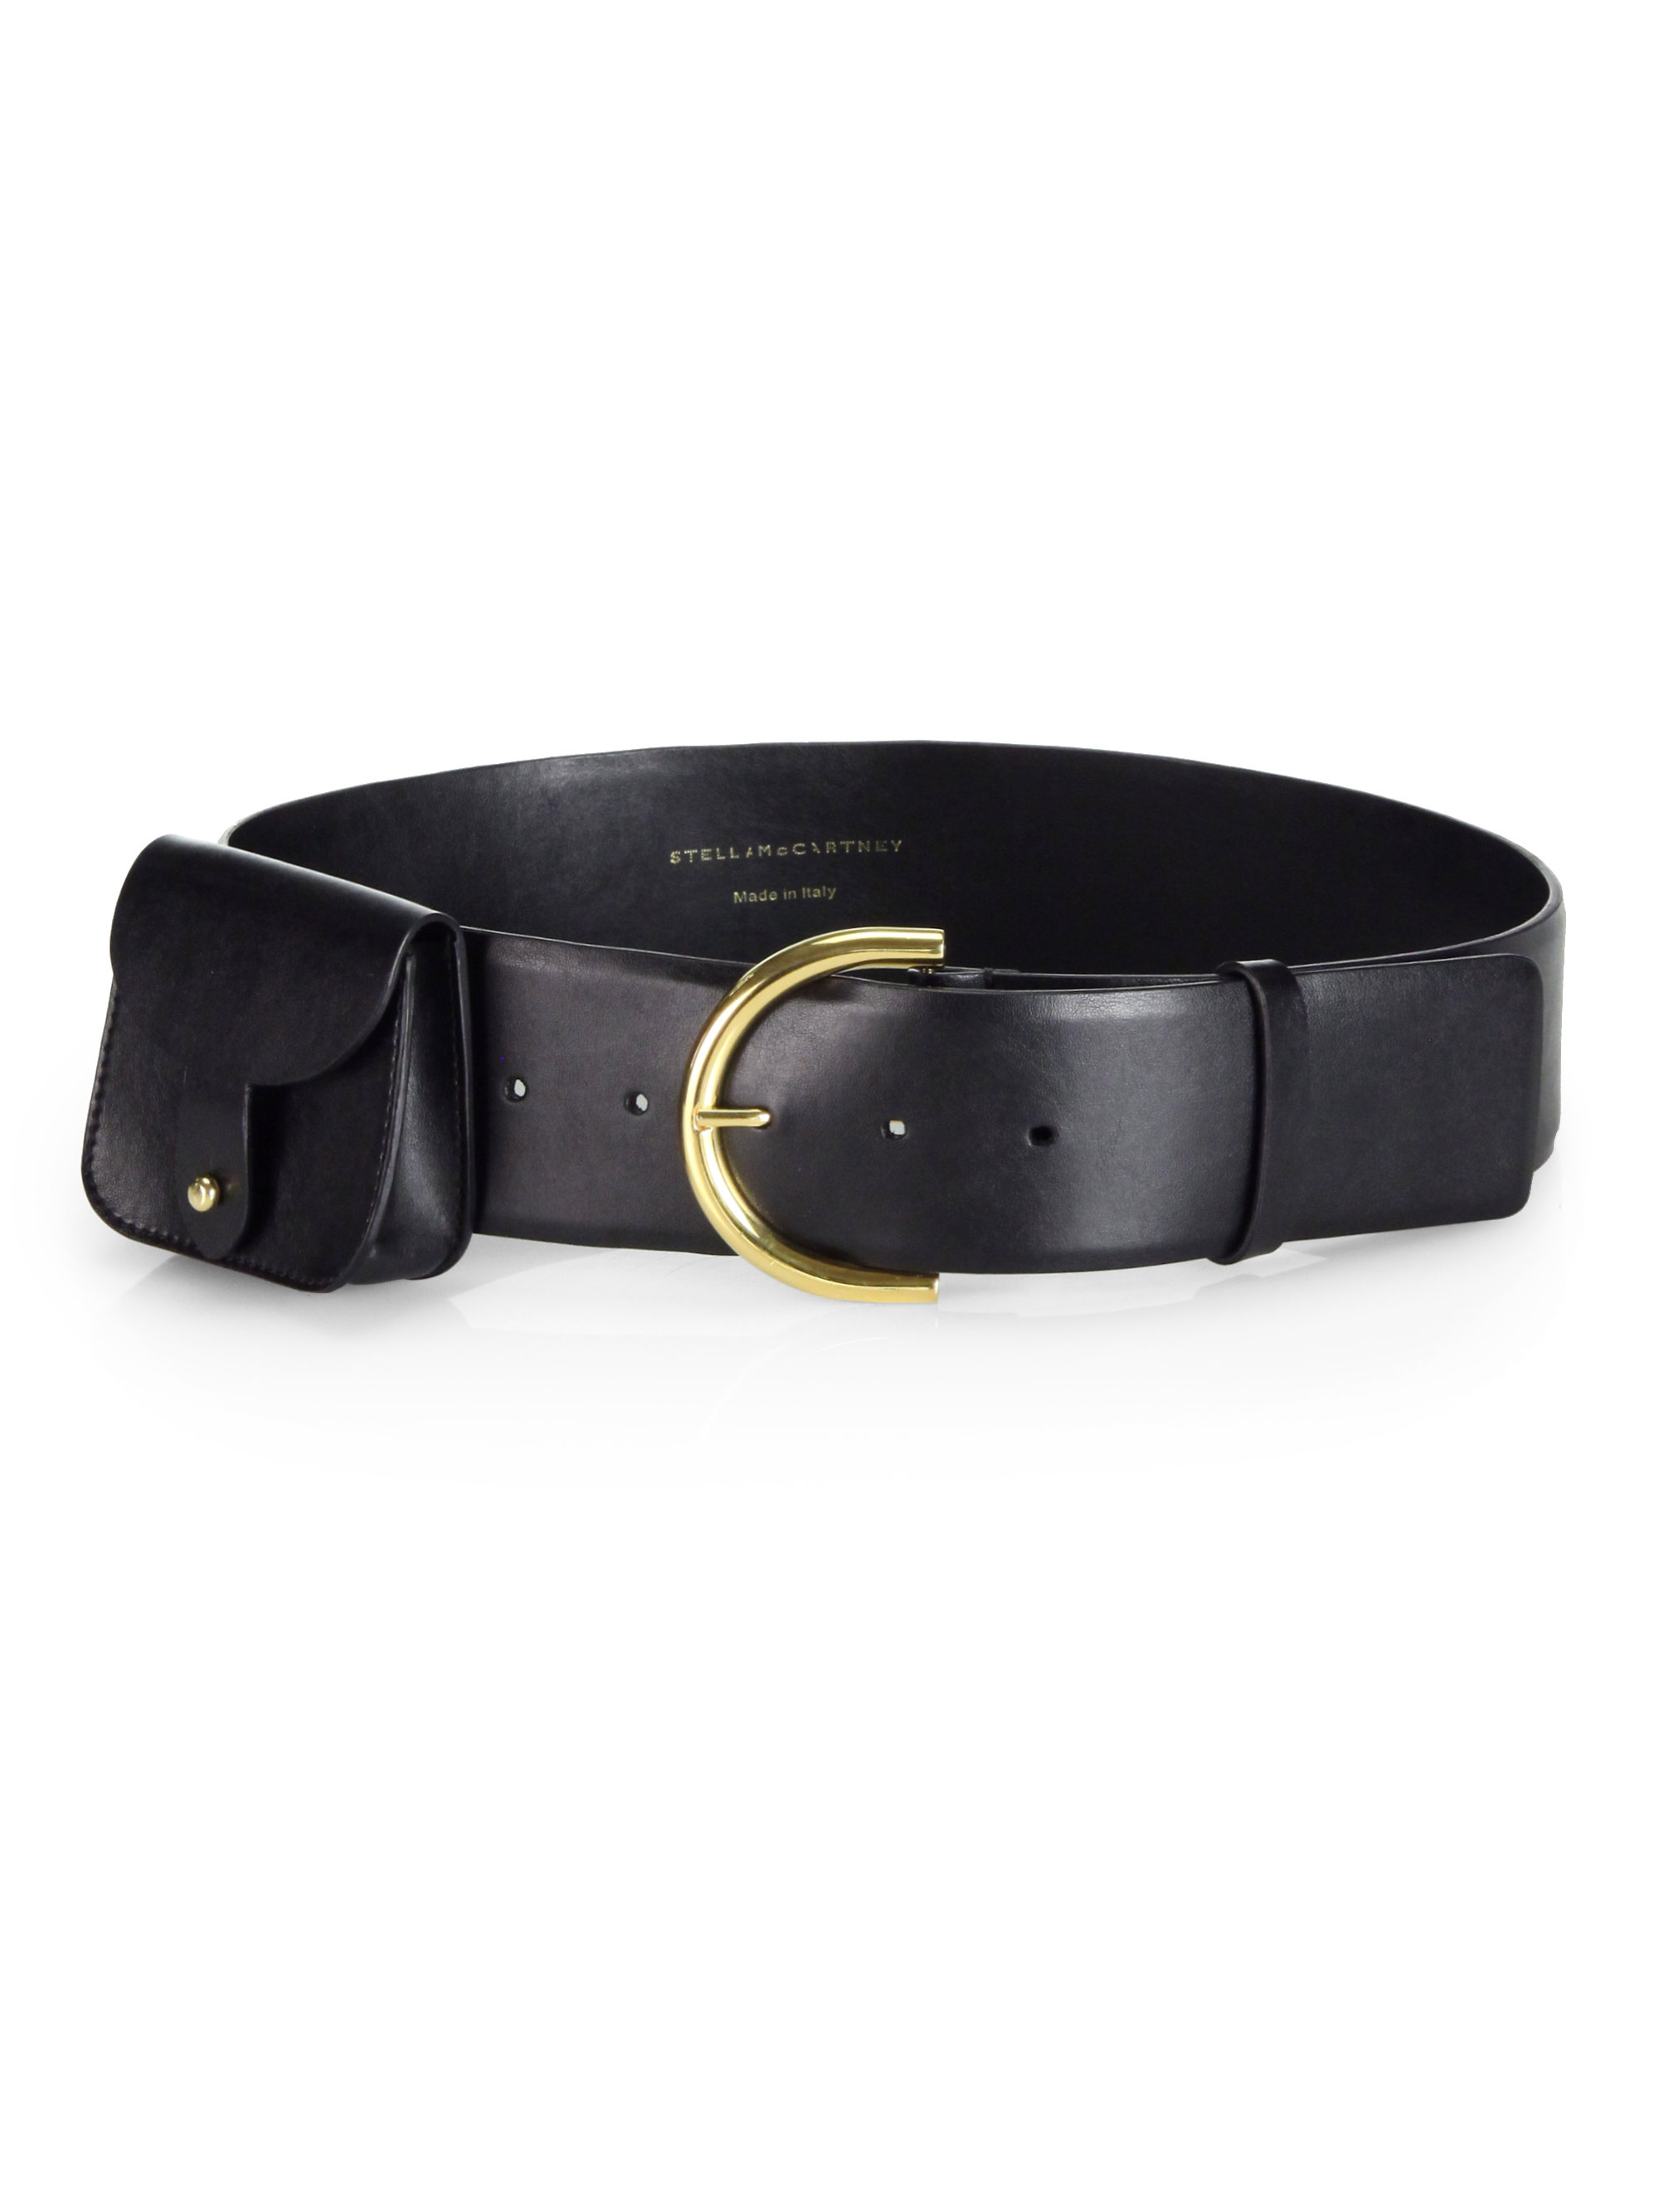 stella mccartney wide faux leather belt in black lyst